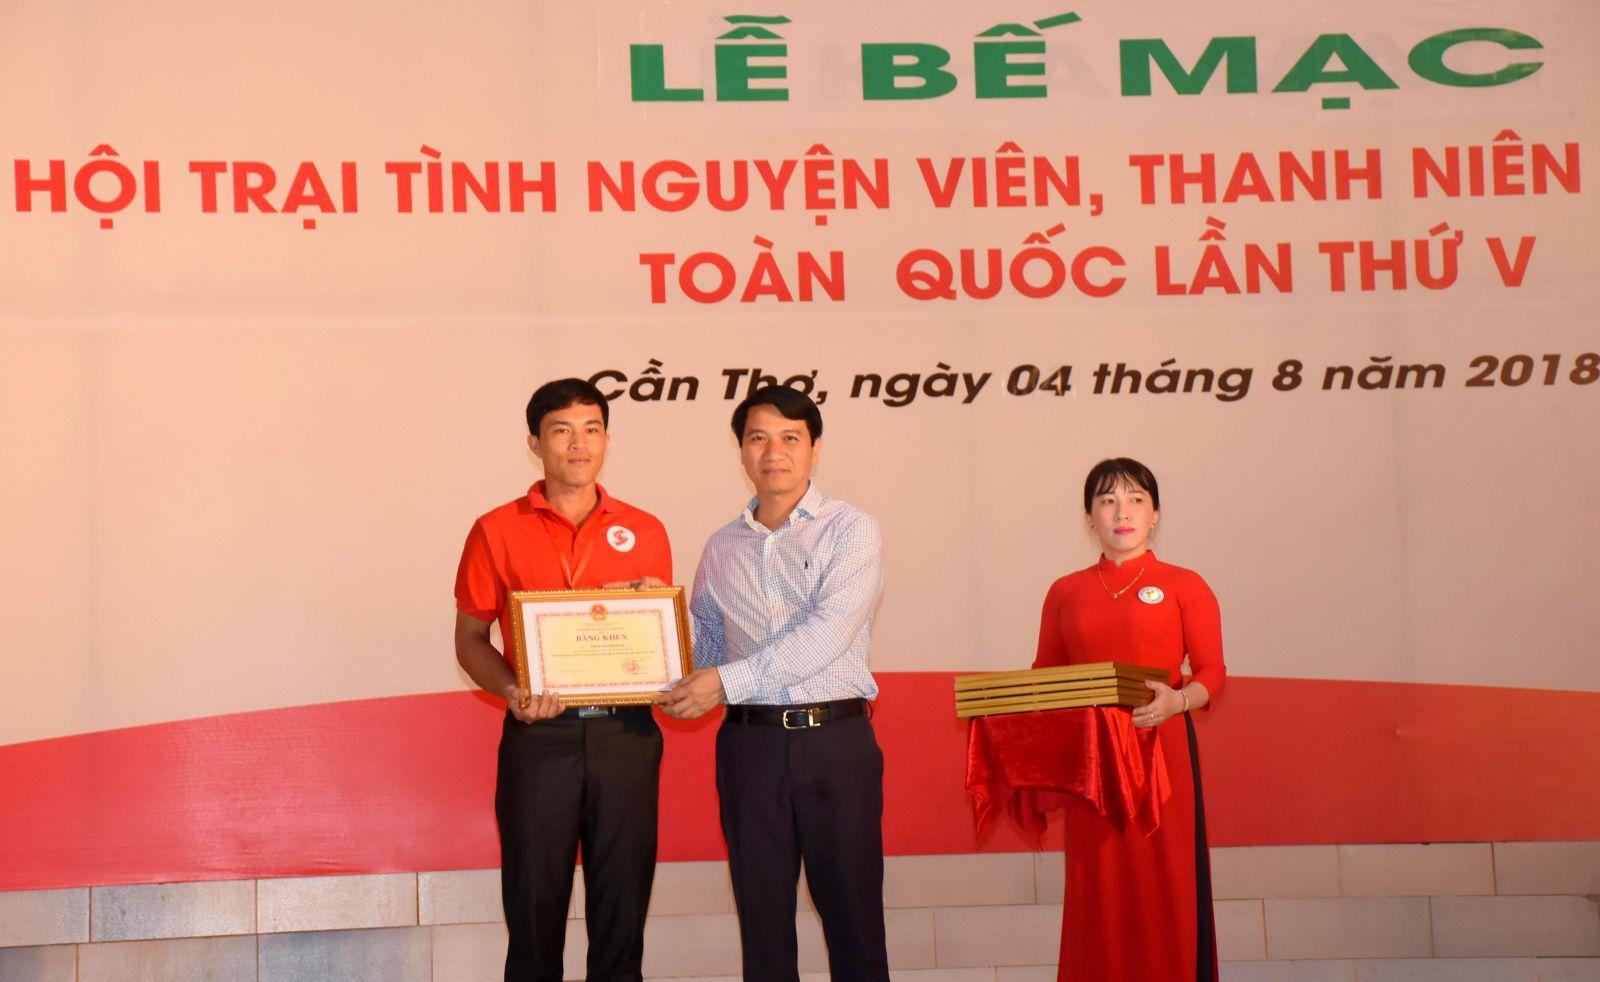 Ông  Nguyễn Ngọc Lượng, Bí thư Trung ương Đoàn Thanh niên Cộng sản Hồ Chí Minh trao Bằng khen của Trung ương Đoàn cho 60 TNV tiêu biểu toàn quốc.